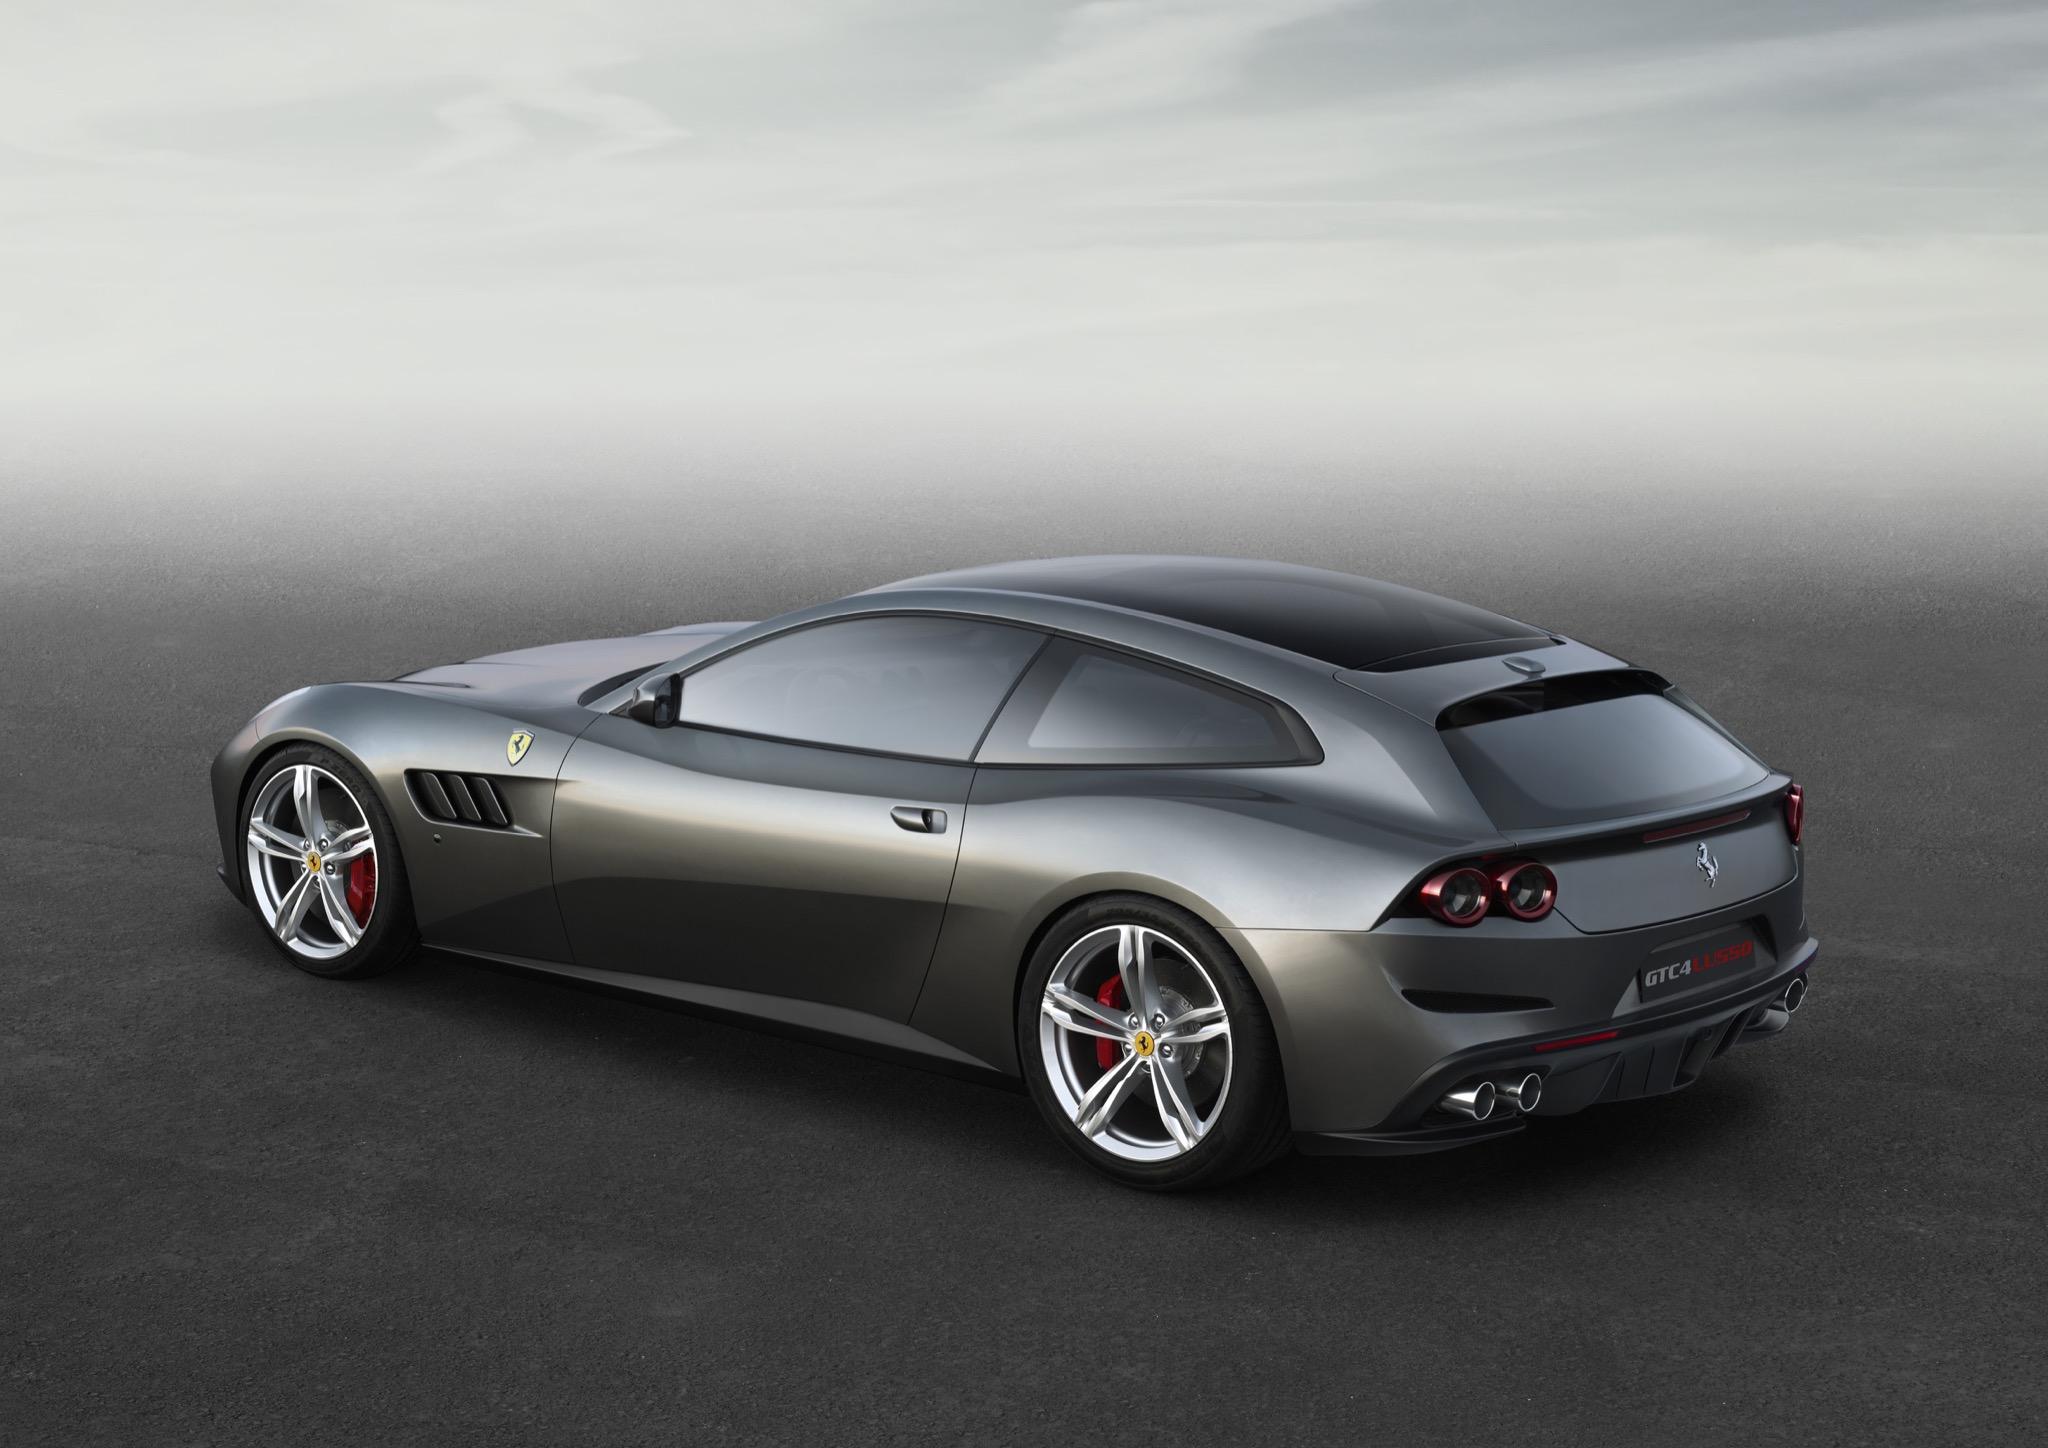 FerrariGTC4Lusso 07